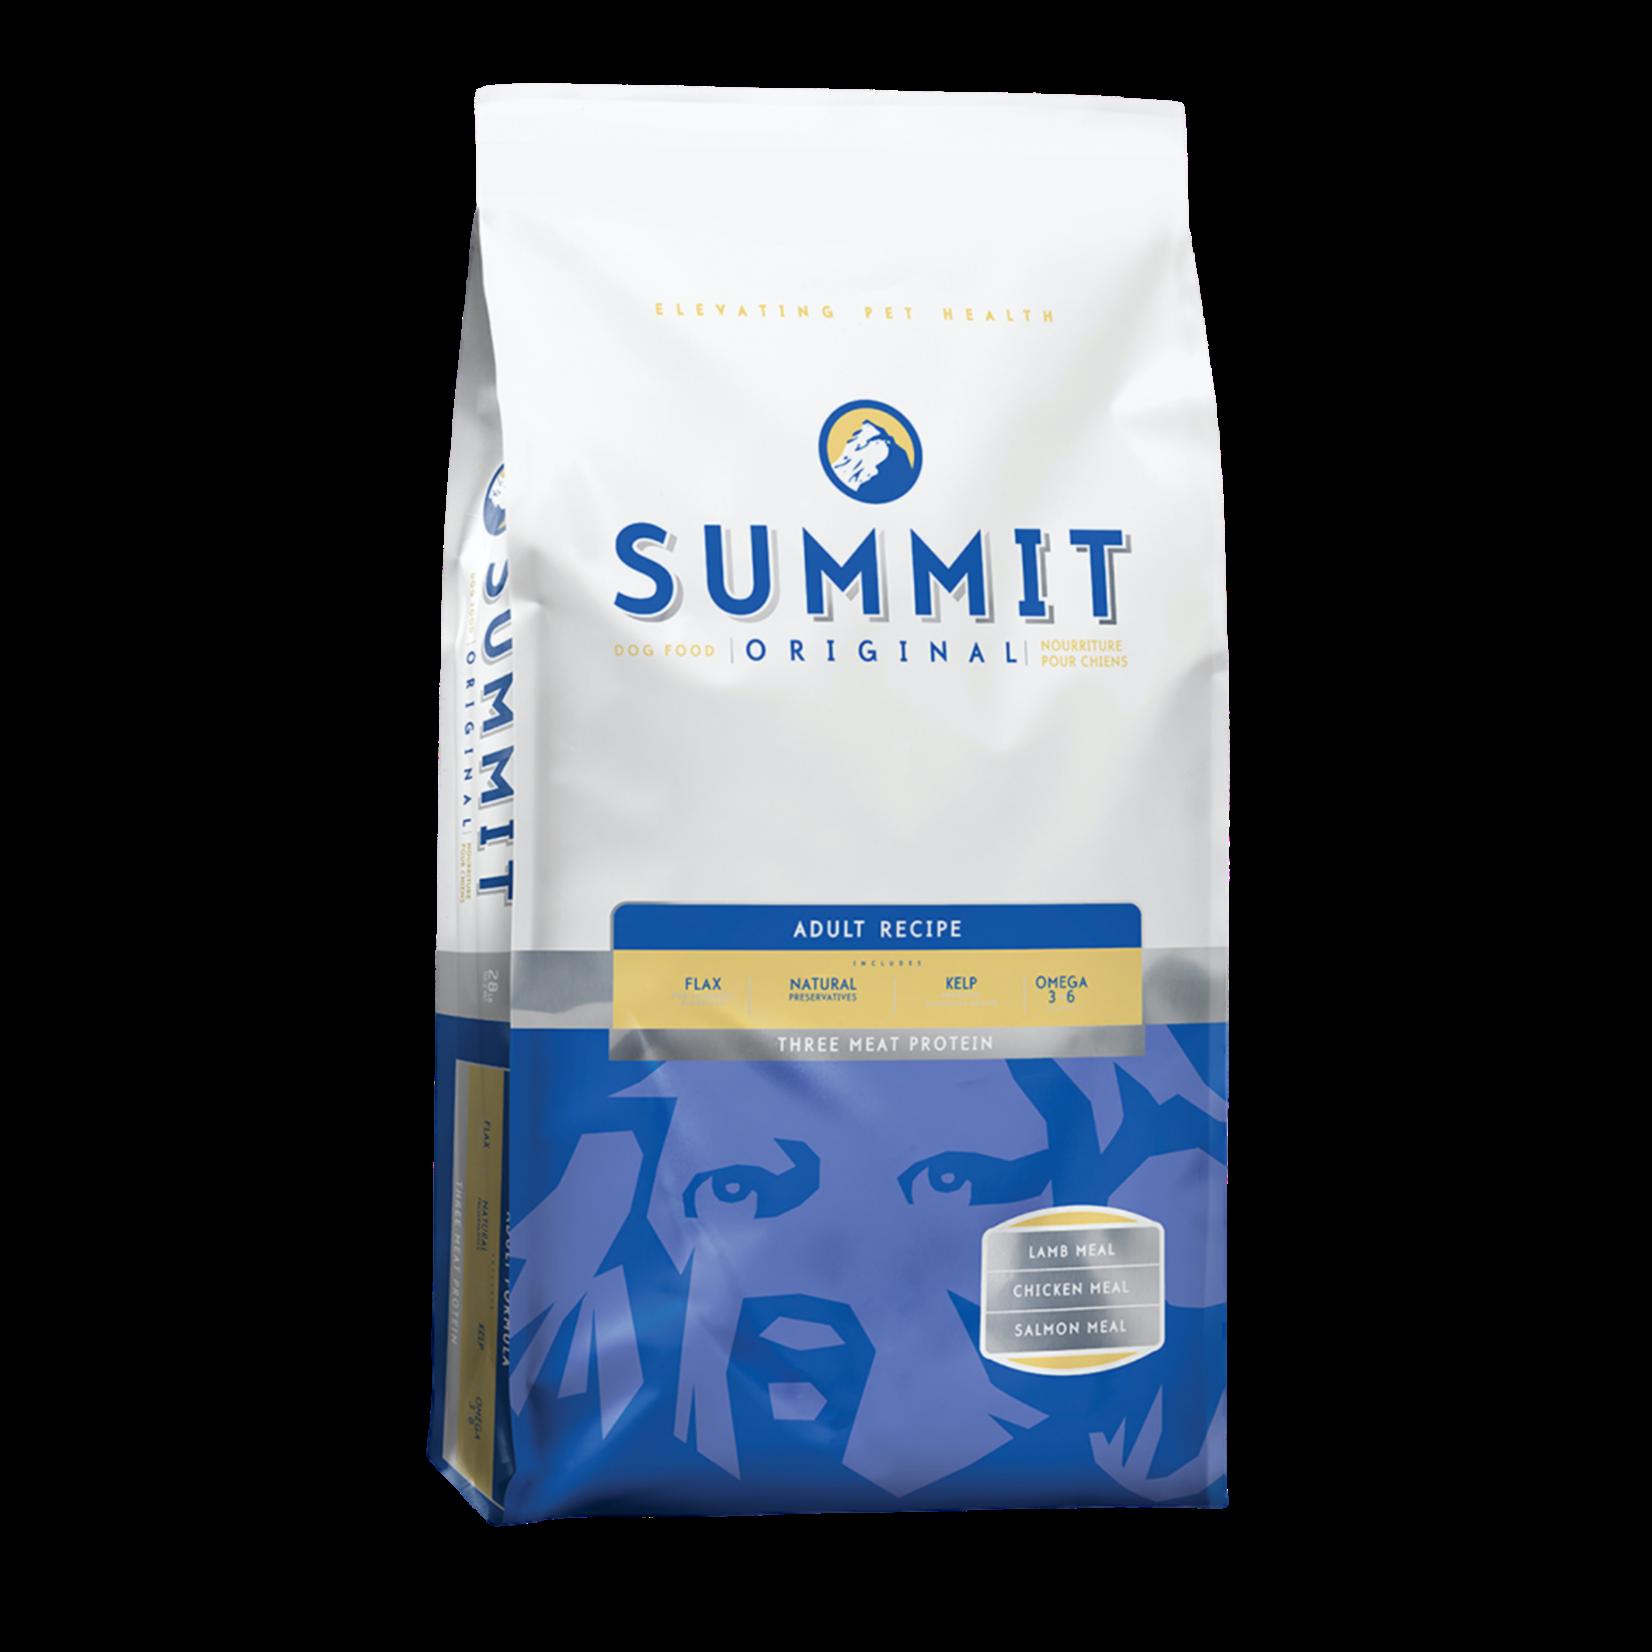 Summit Three Meat Adult Recipe 28lb